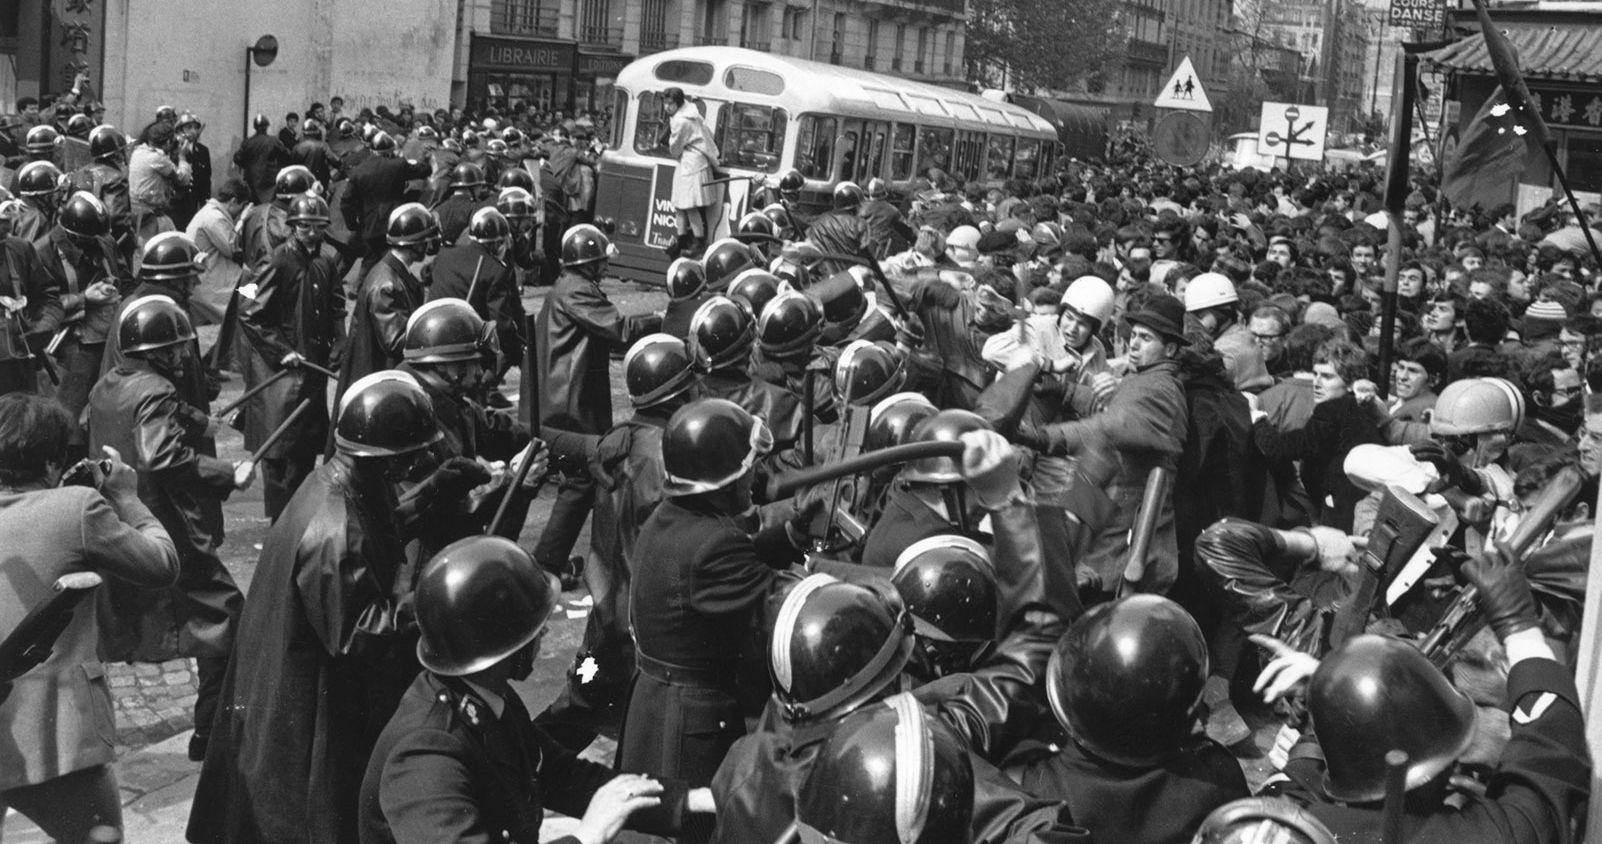 La gran Revolución Anti Cristiana de Mayo de París 1968  [50 años después]